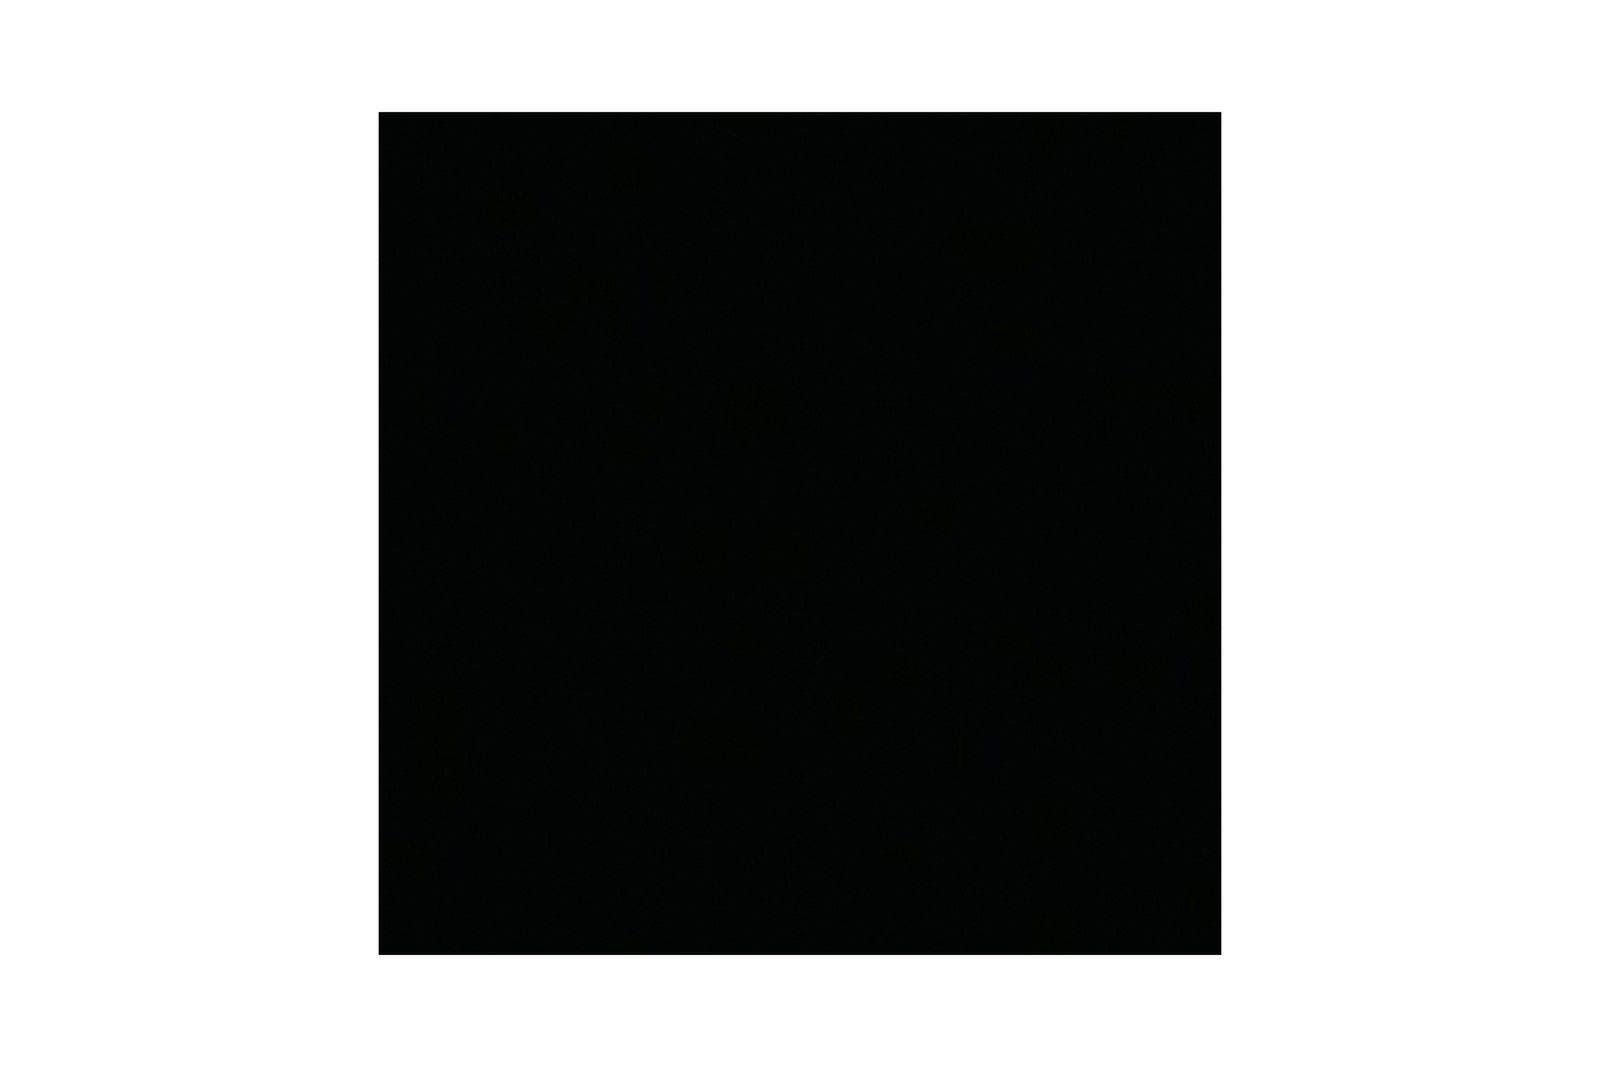 album-covers-main